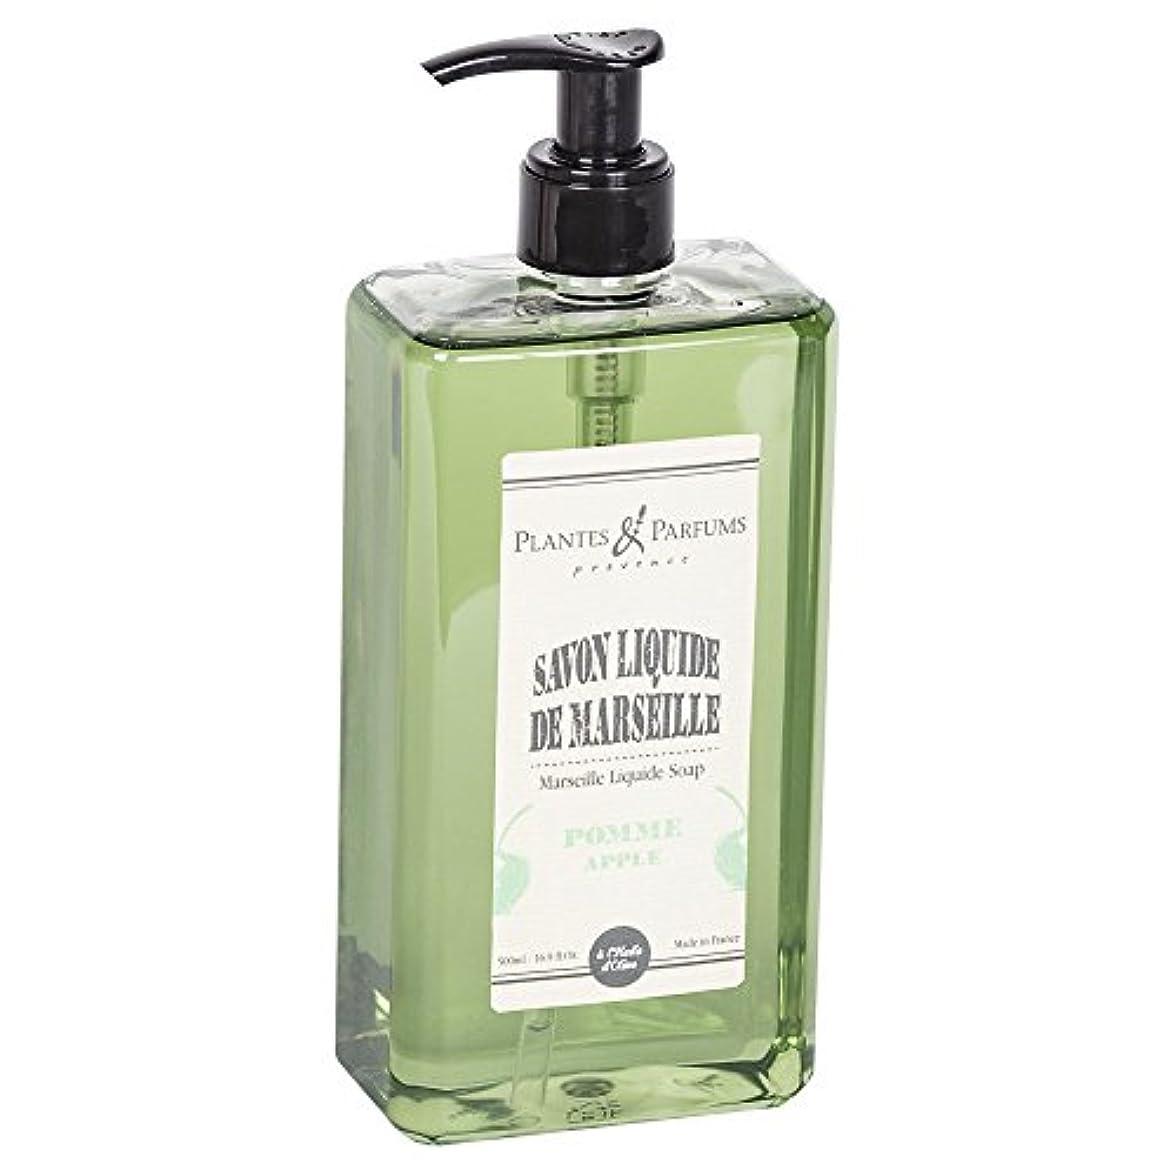 以前はシュガーテクニカルPlantes&Parfums [プランツ&パルファム] マルセイユリキッドソープ アップル